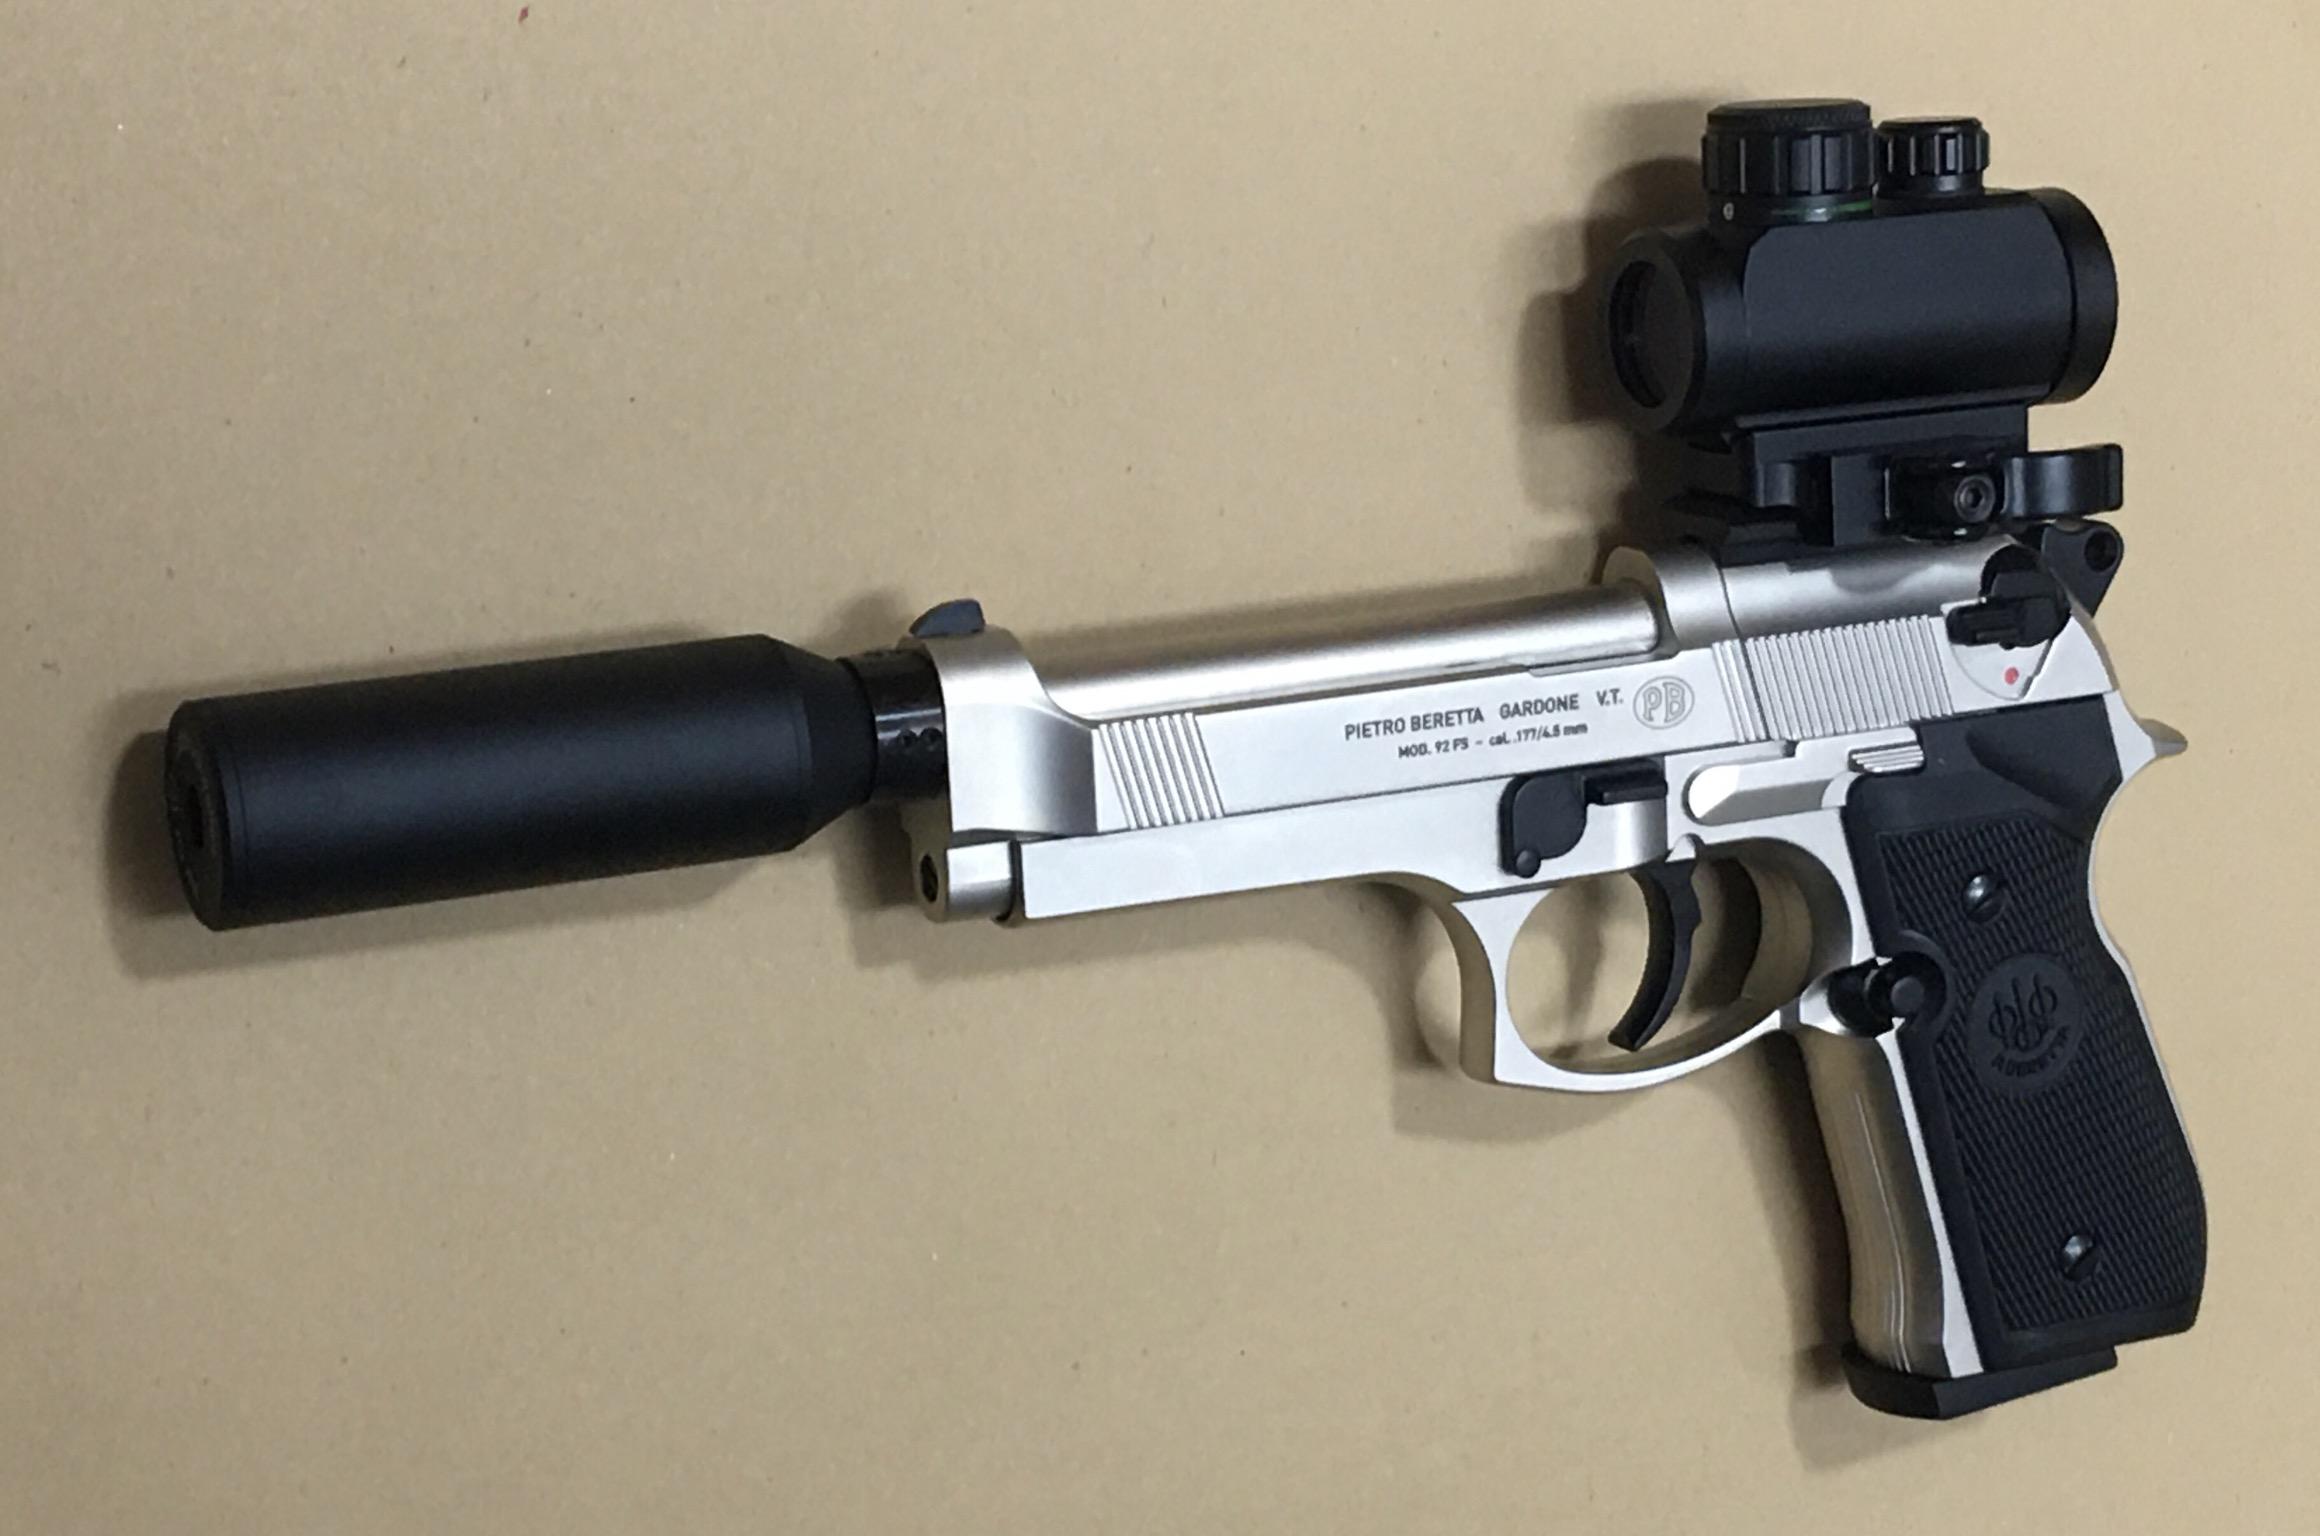 Kombinationsbeispiel mit <a href=1050022.htm> CO2 Pistole Beretta 92 F</a> mittels Schalldämpferadapter